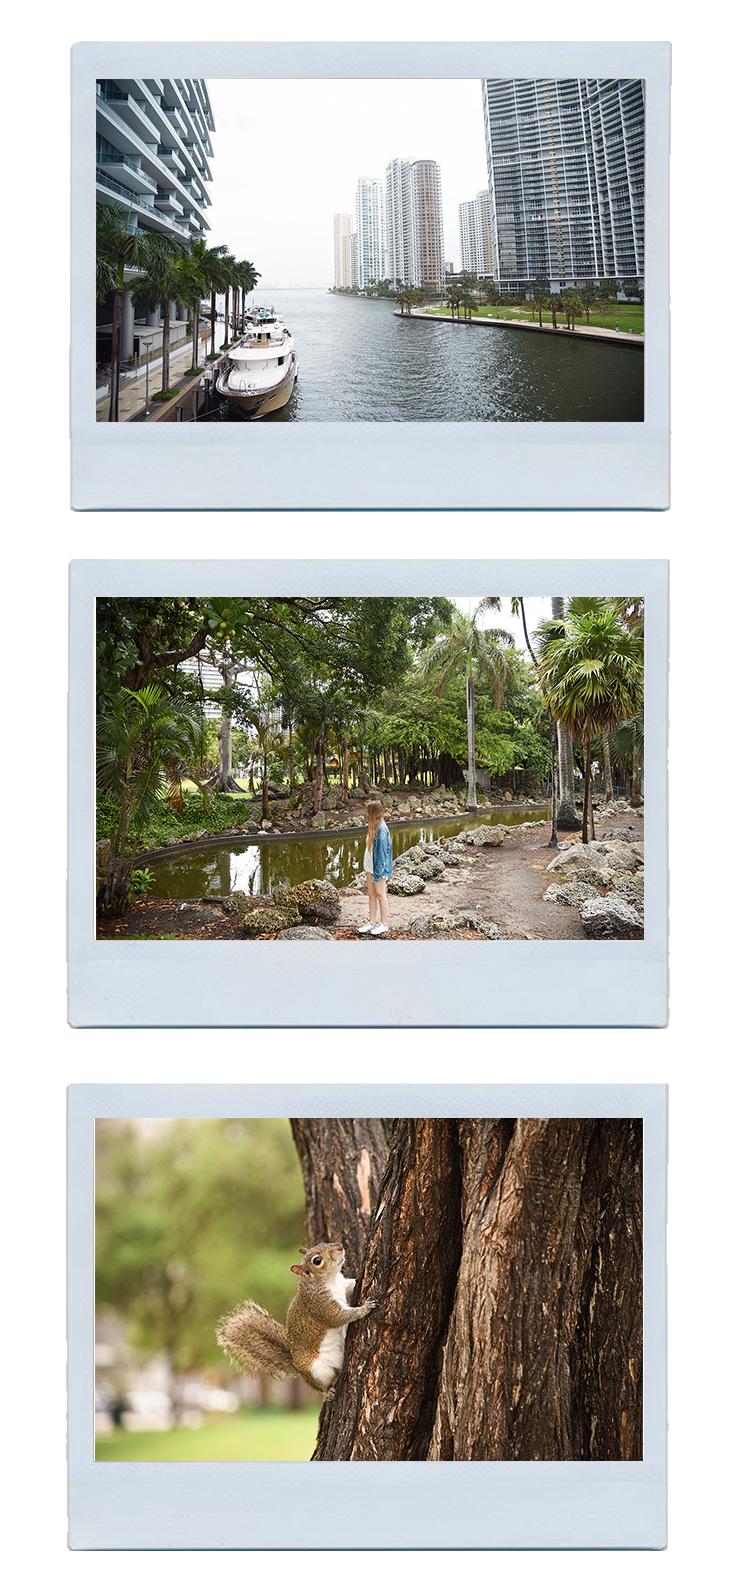 Bayfront Park de Miami